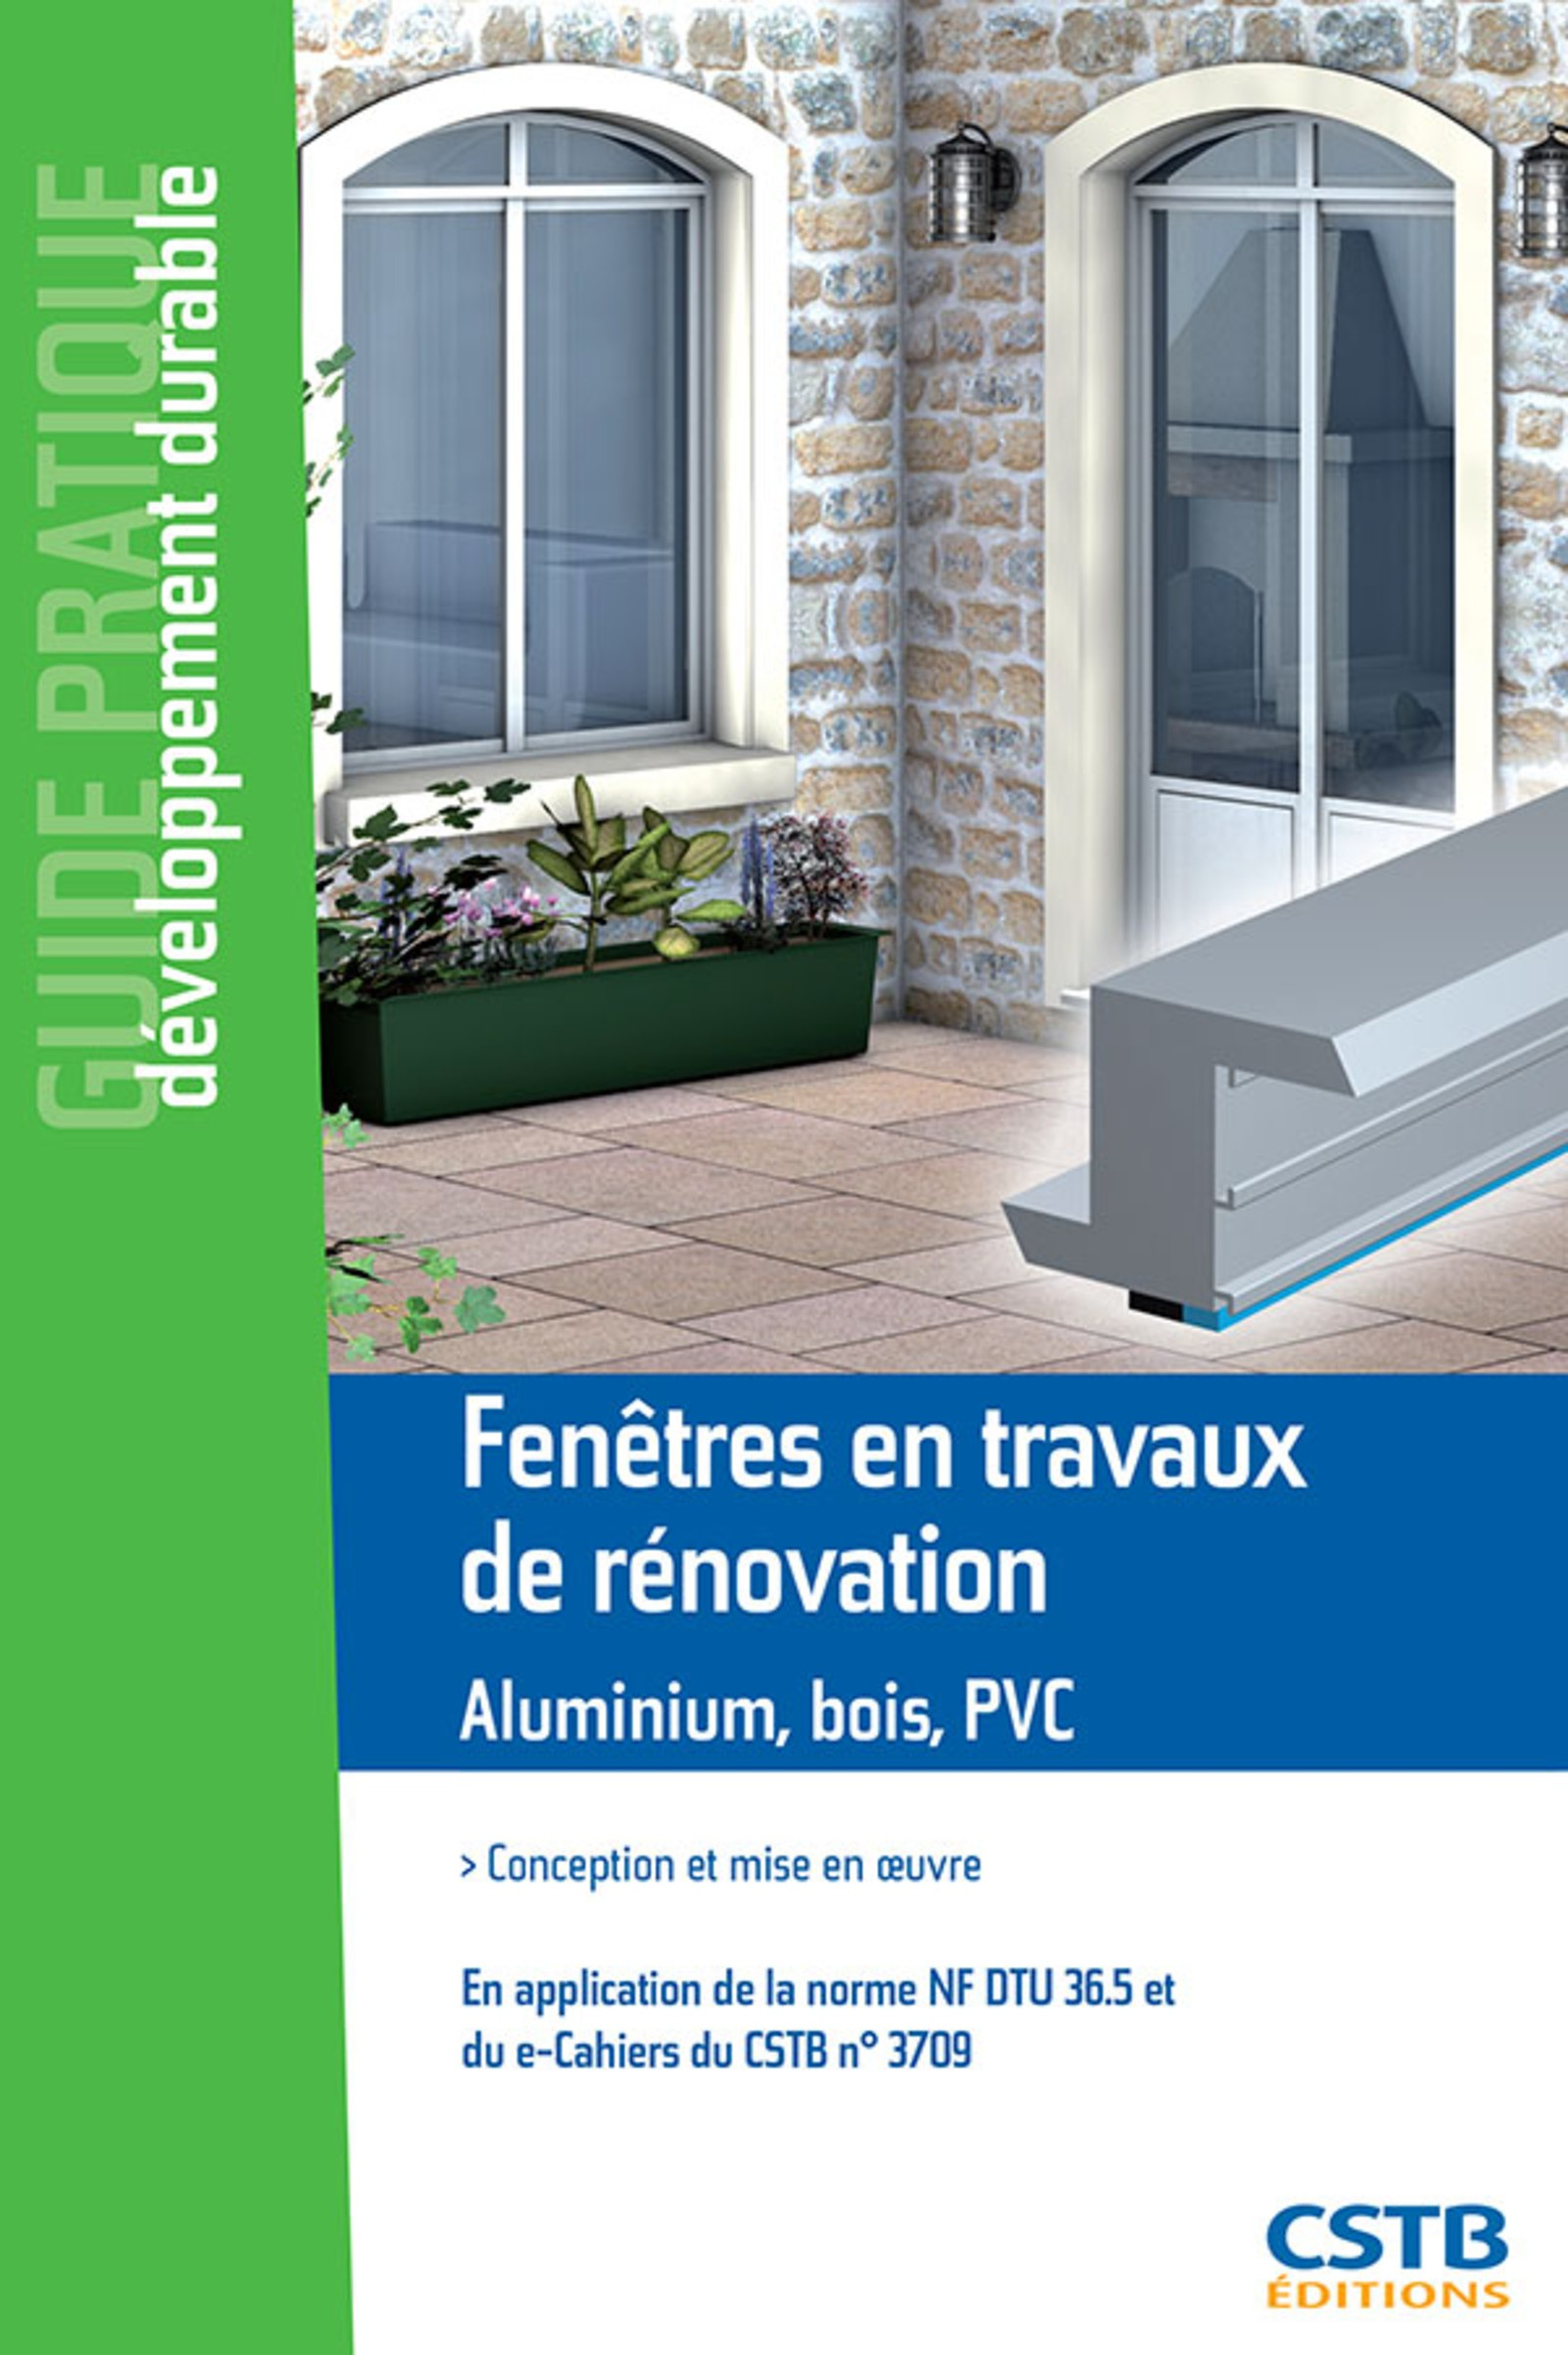 fenetre de renovation pvc simple fenetre pvc sol photo galerie with fenetre de renovation pvc. Black Bedroom Furniture Sets. Home Design Ideas